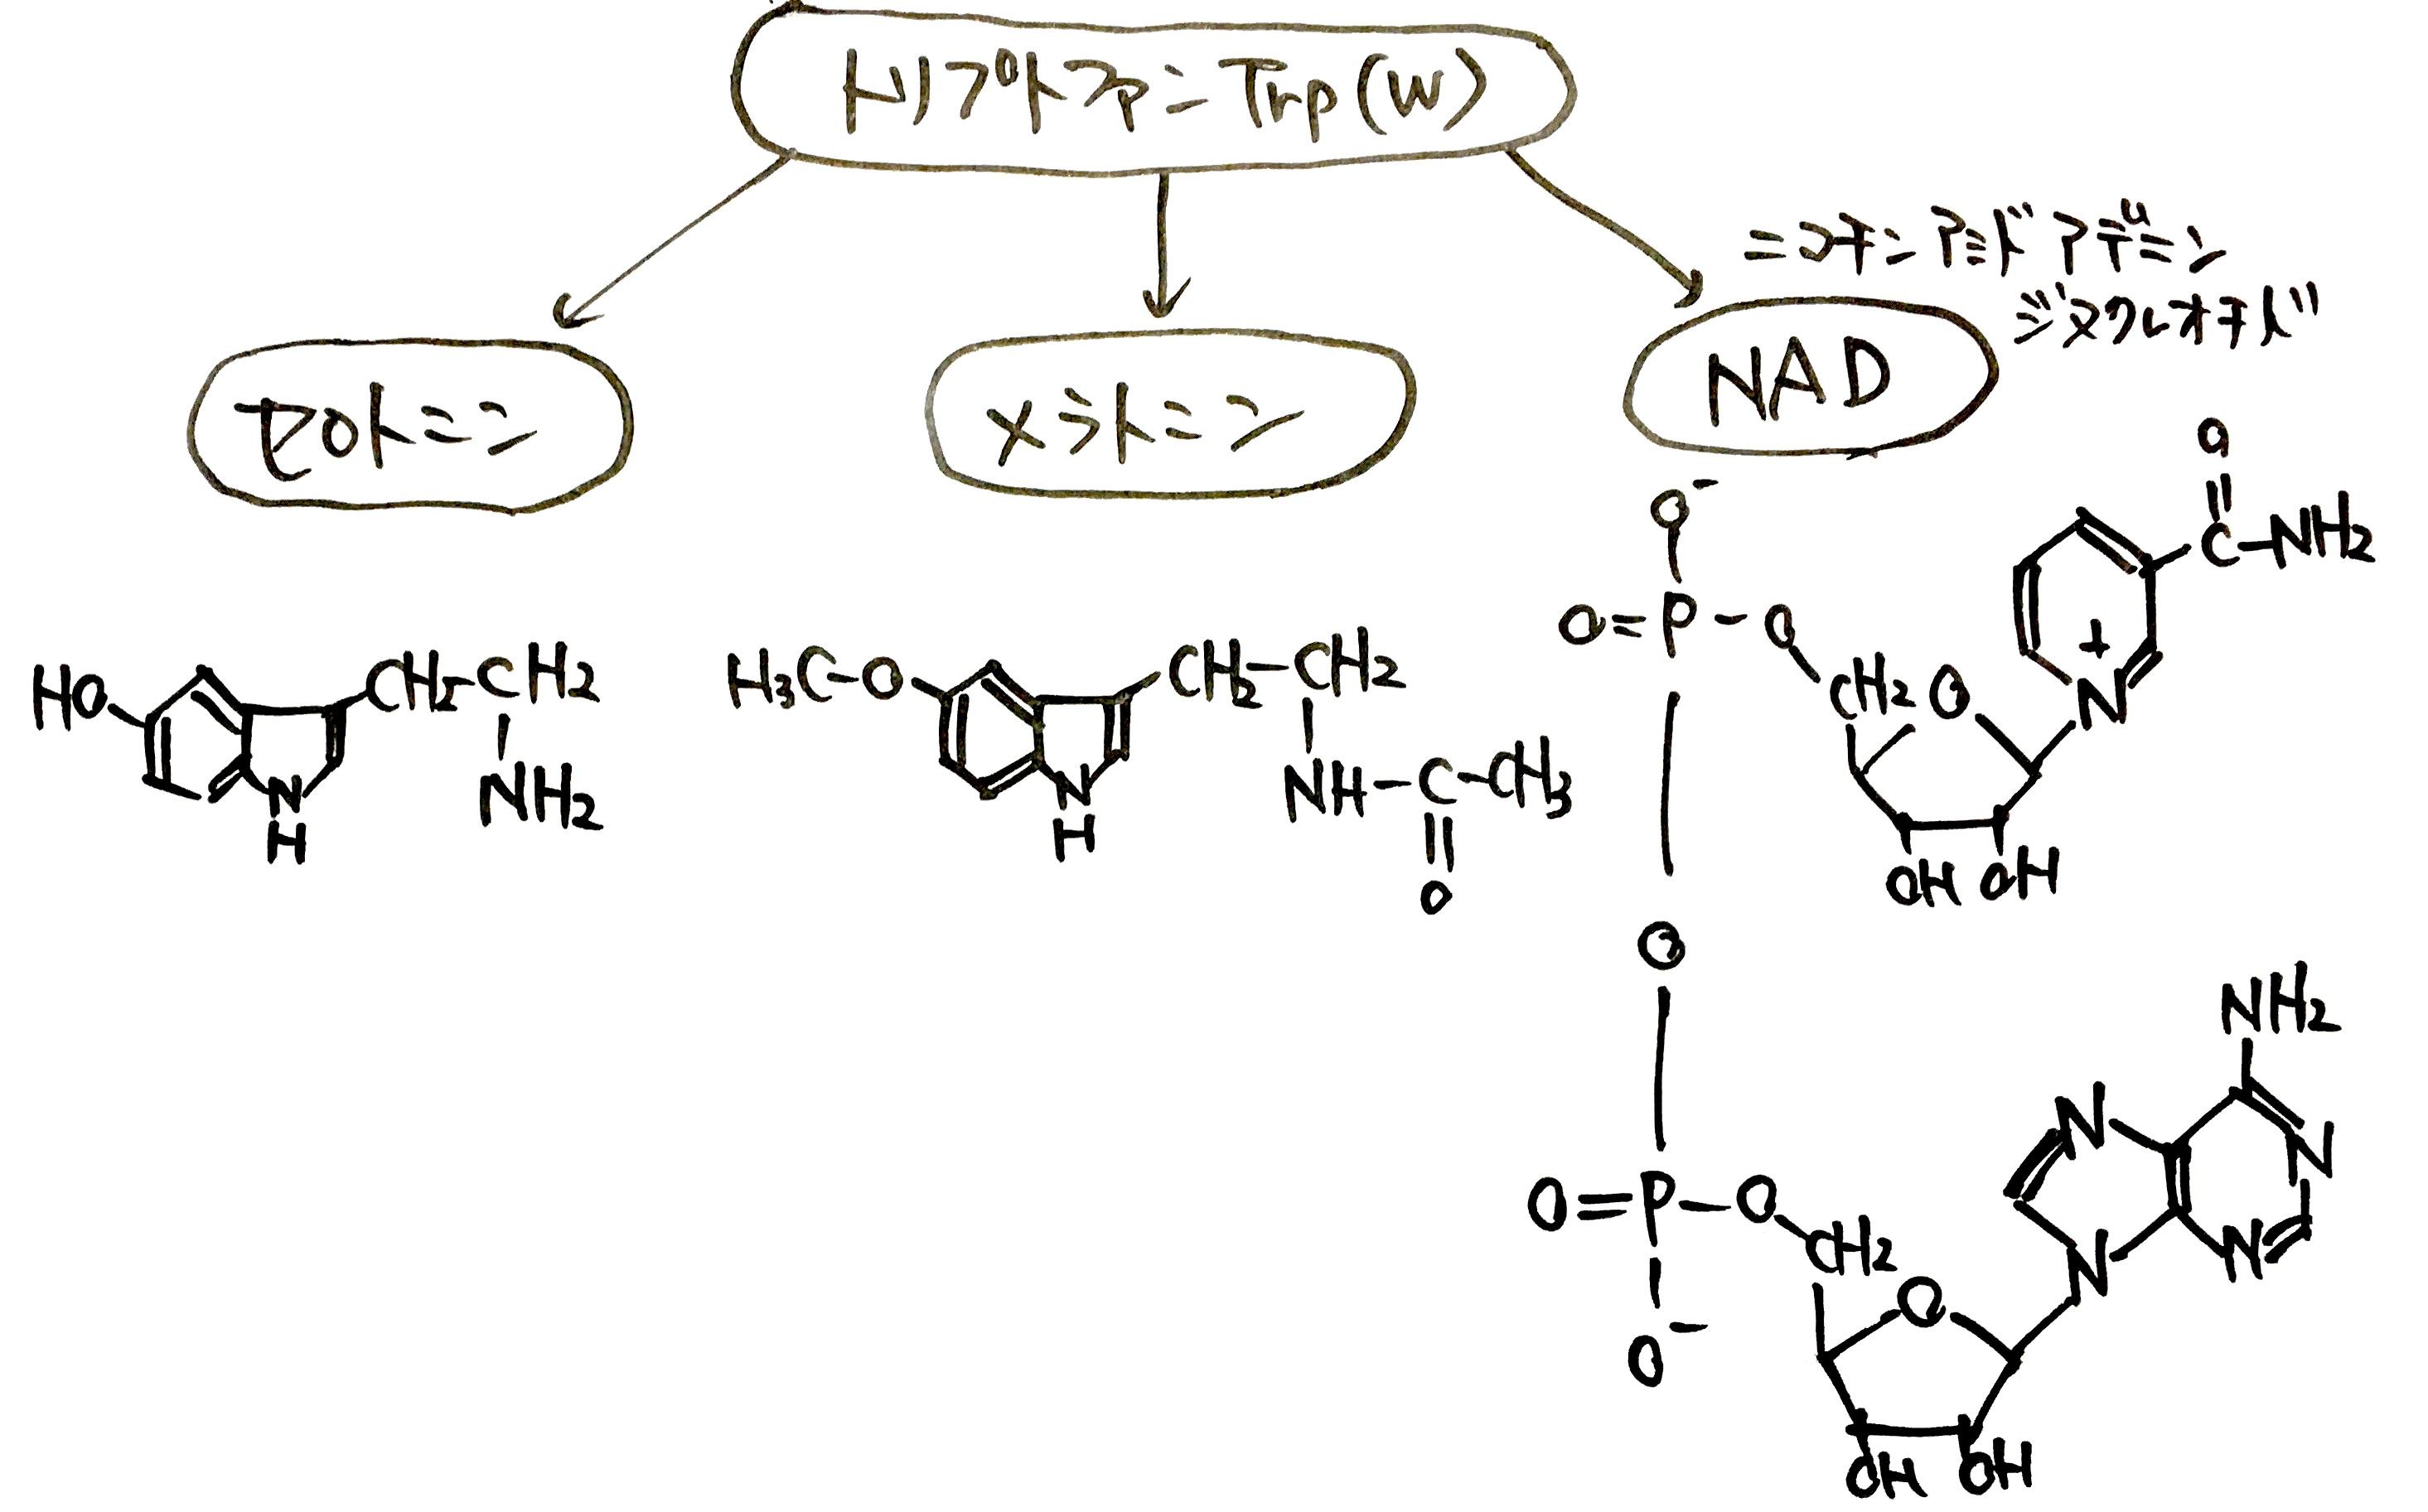 生体物質の前駆体としてのアミノ酸利用